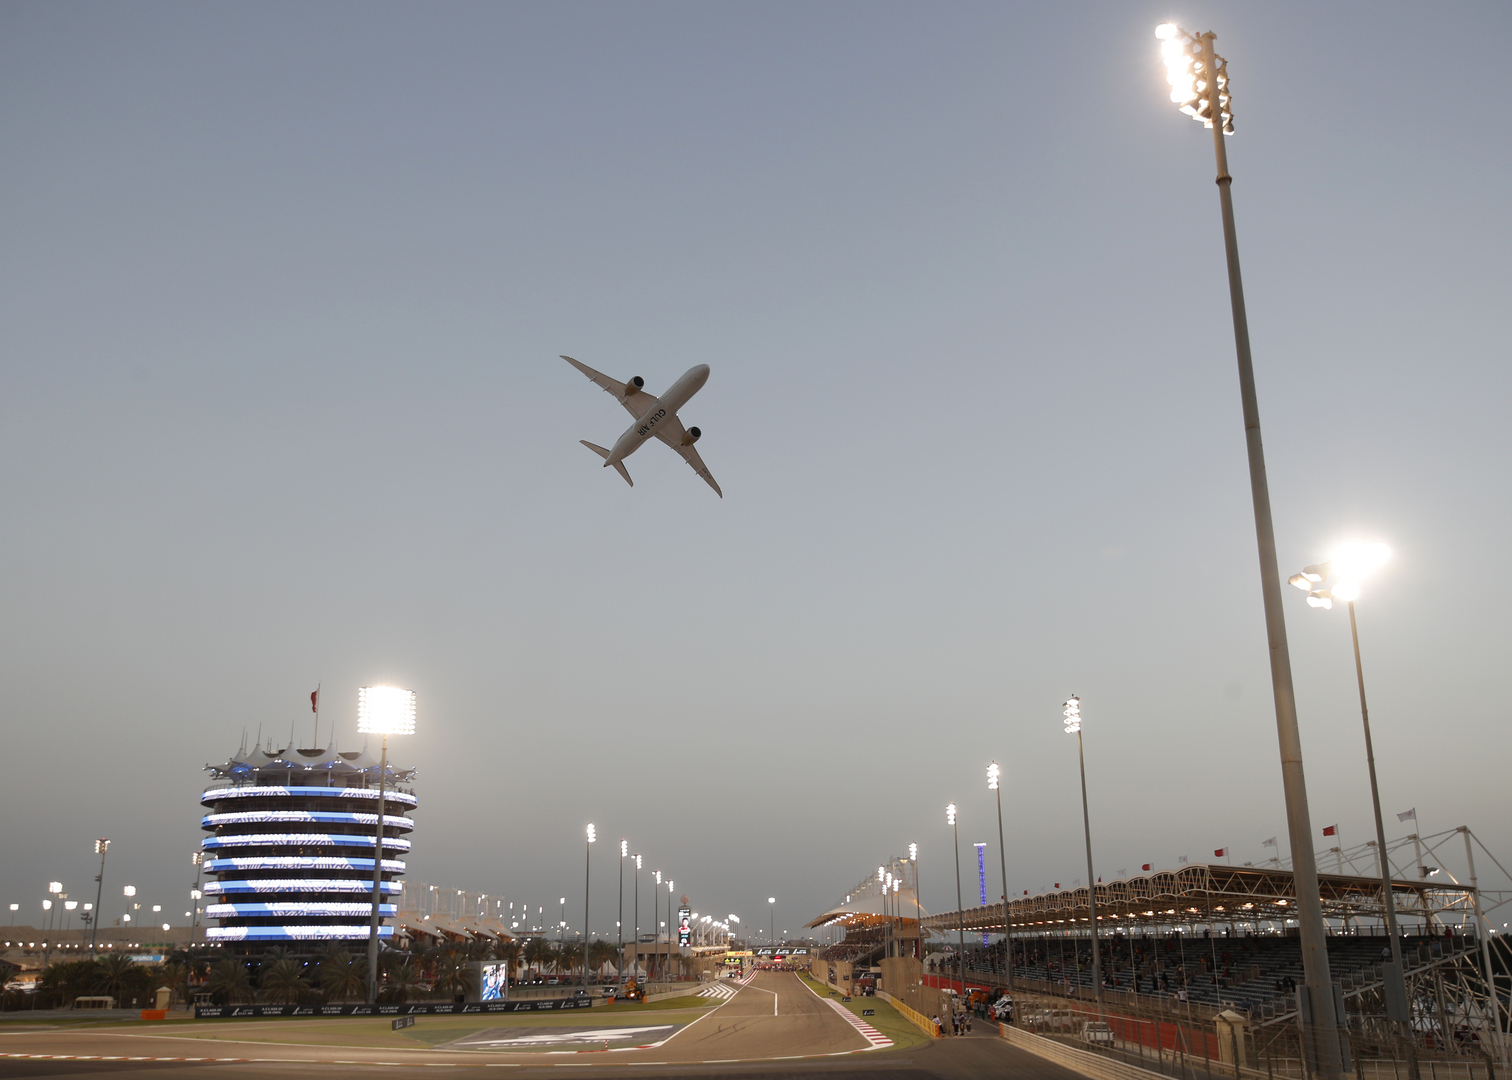 توقعات باعتراف قريب متبادل بين إسرائيل ودولة عربية بجواز السفر الأخضر